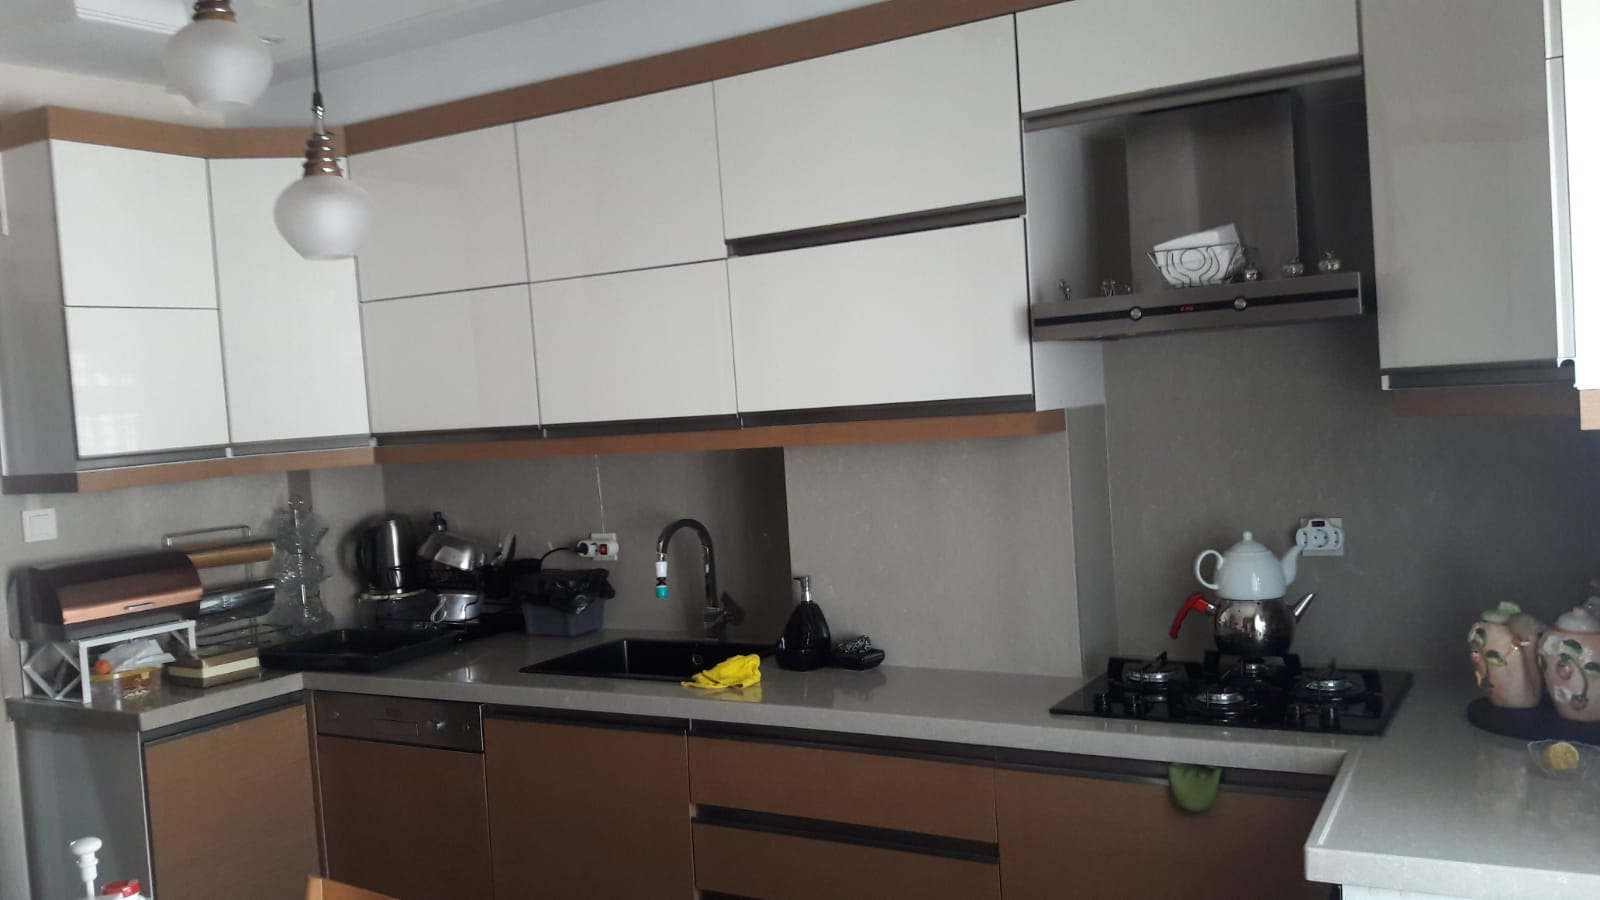 maltepe mobilyacı, maltepe mutfak dolabı, maltepe mutfak dolapçısı, maltepe mutfak dolabı fiyatları, maltepe mutfak dolabı imalatçısı